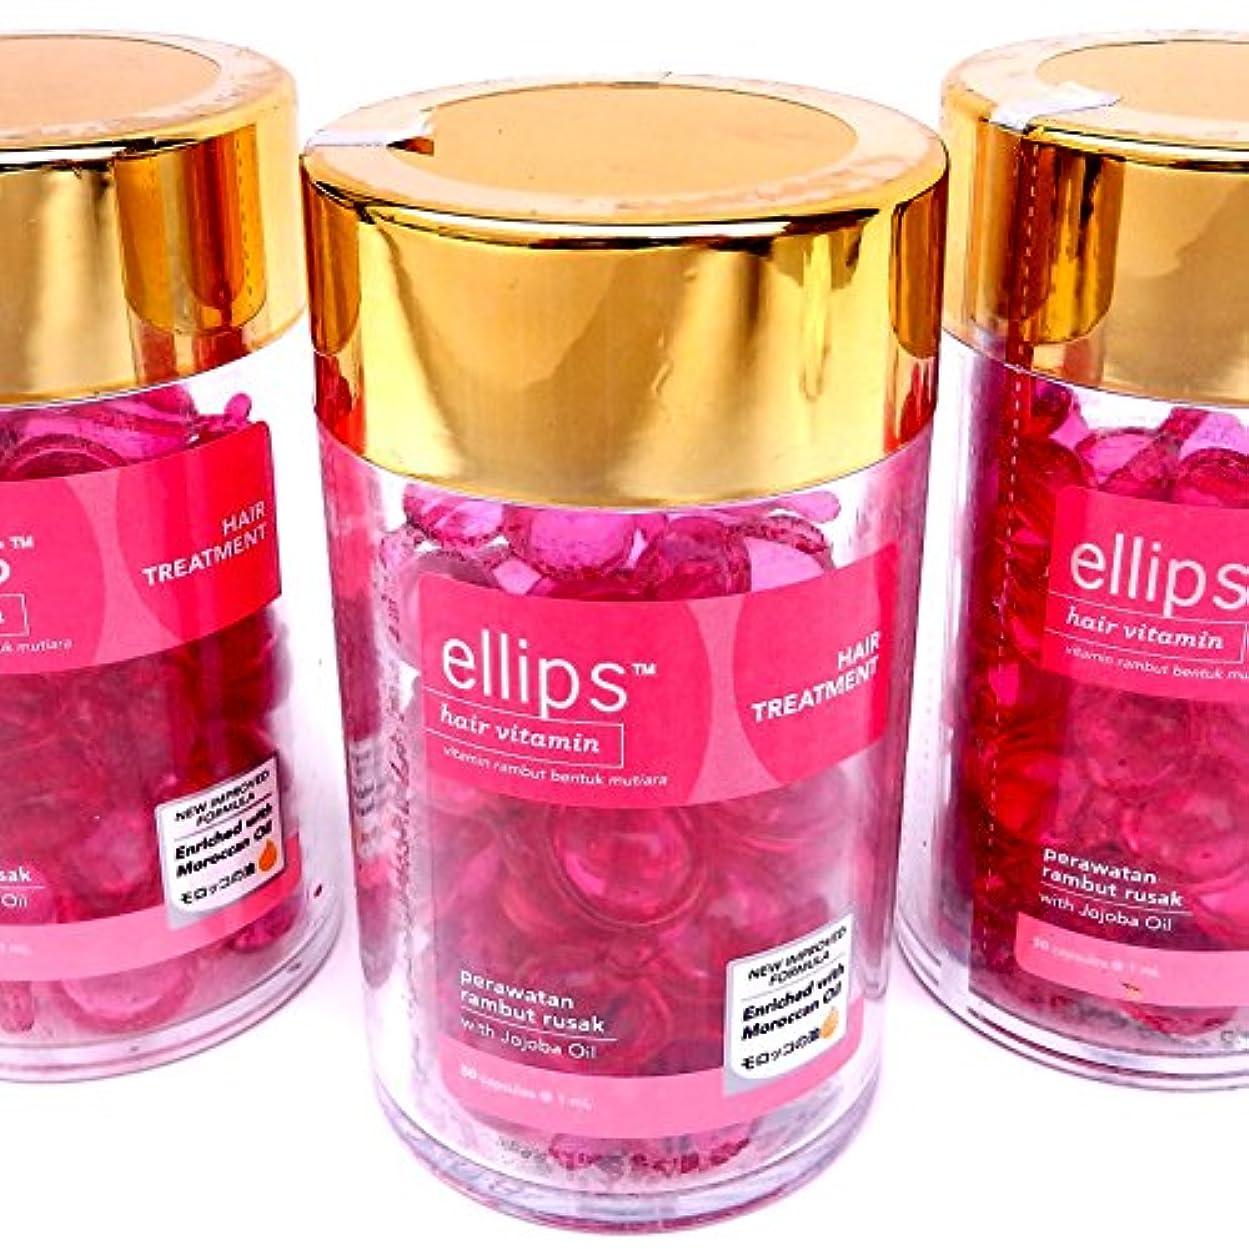 にじみ出る国旗アラブサラボエリプス(Ellips) ヘアビタミン ピンク ボトル(50粒入)× 3 個セット[並行輸入品]